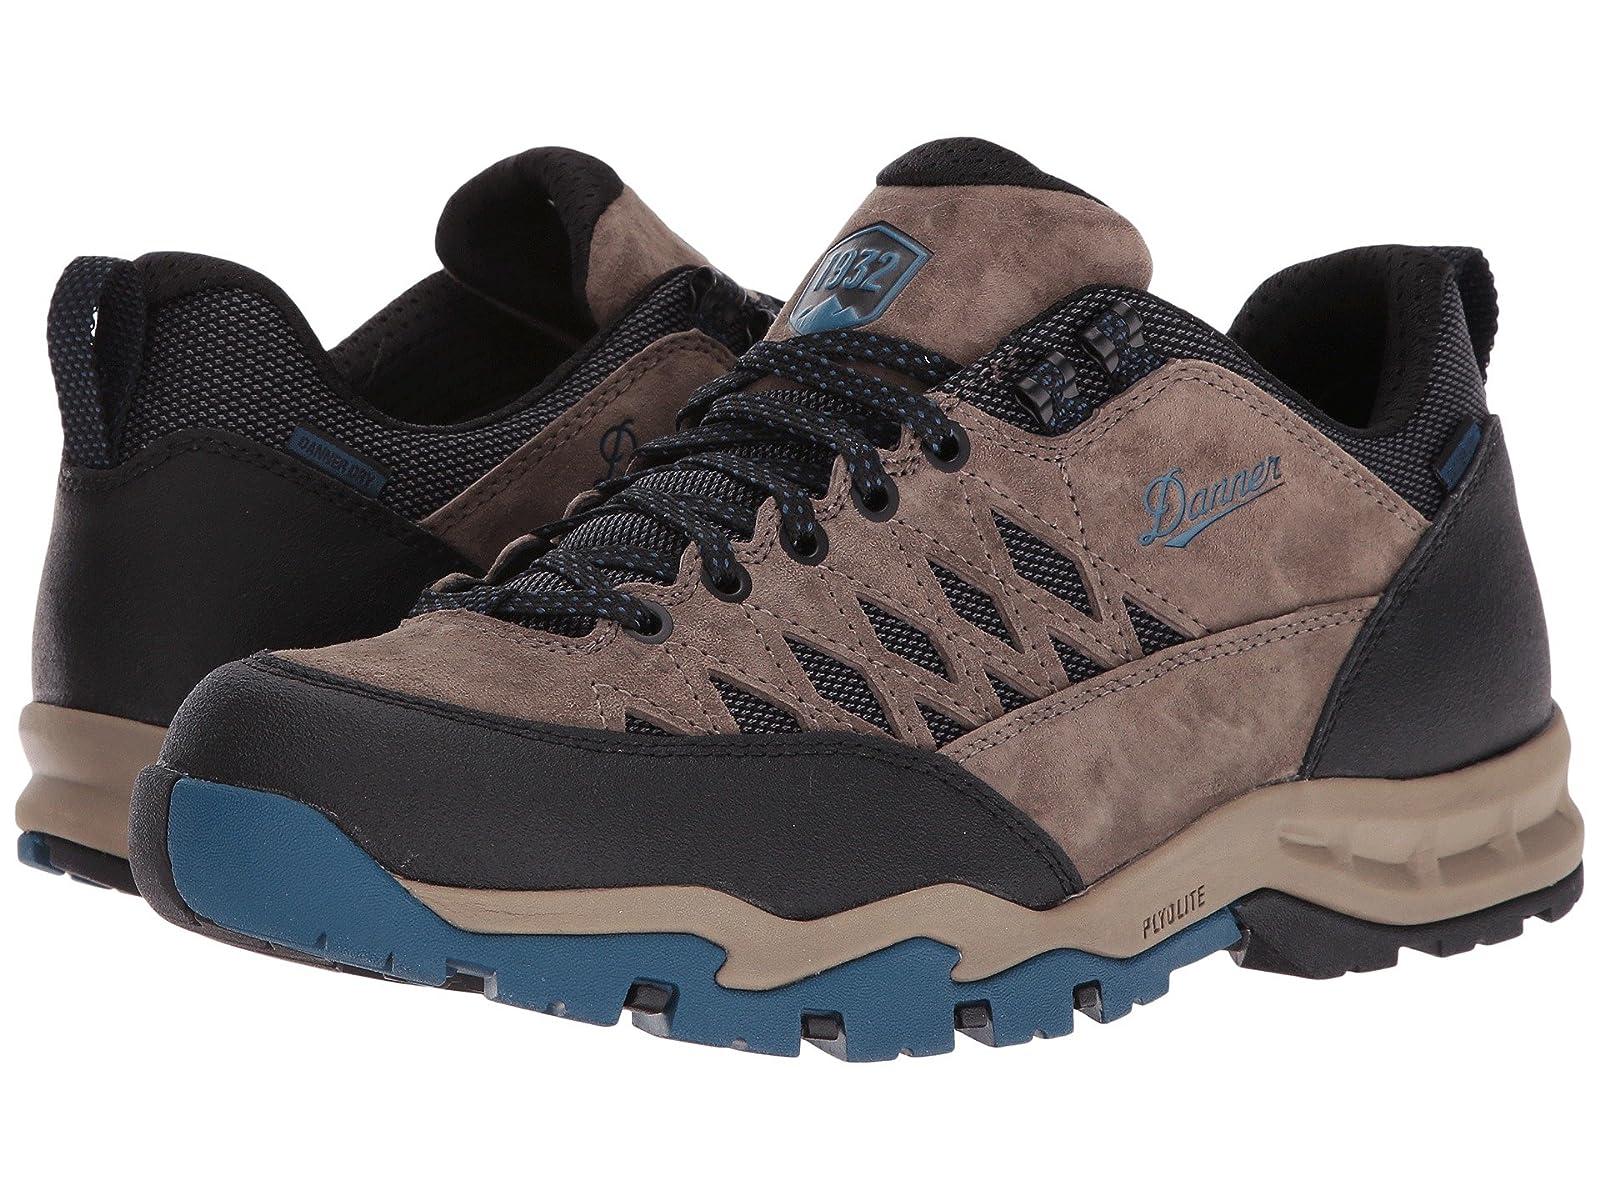 """Danner Trail Trek Light 3""""Atmospheric grades have affordable shoes"""